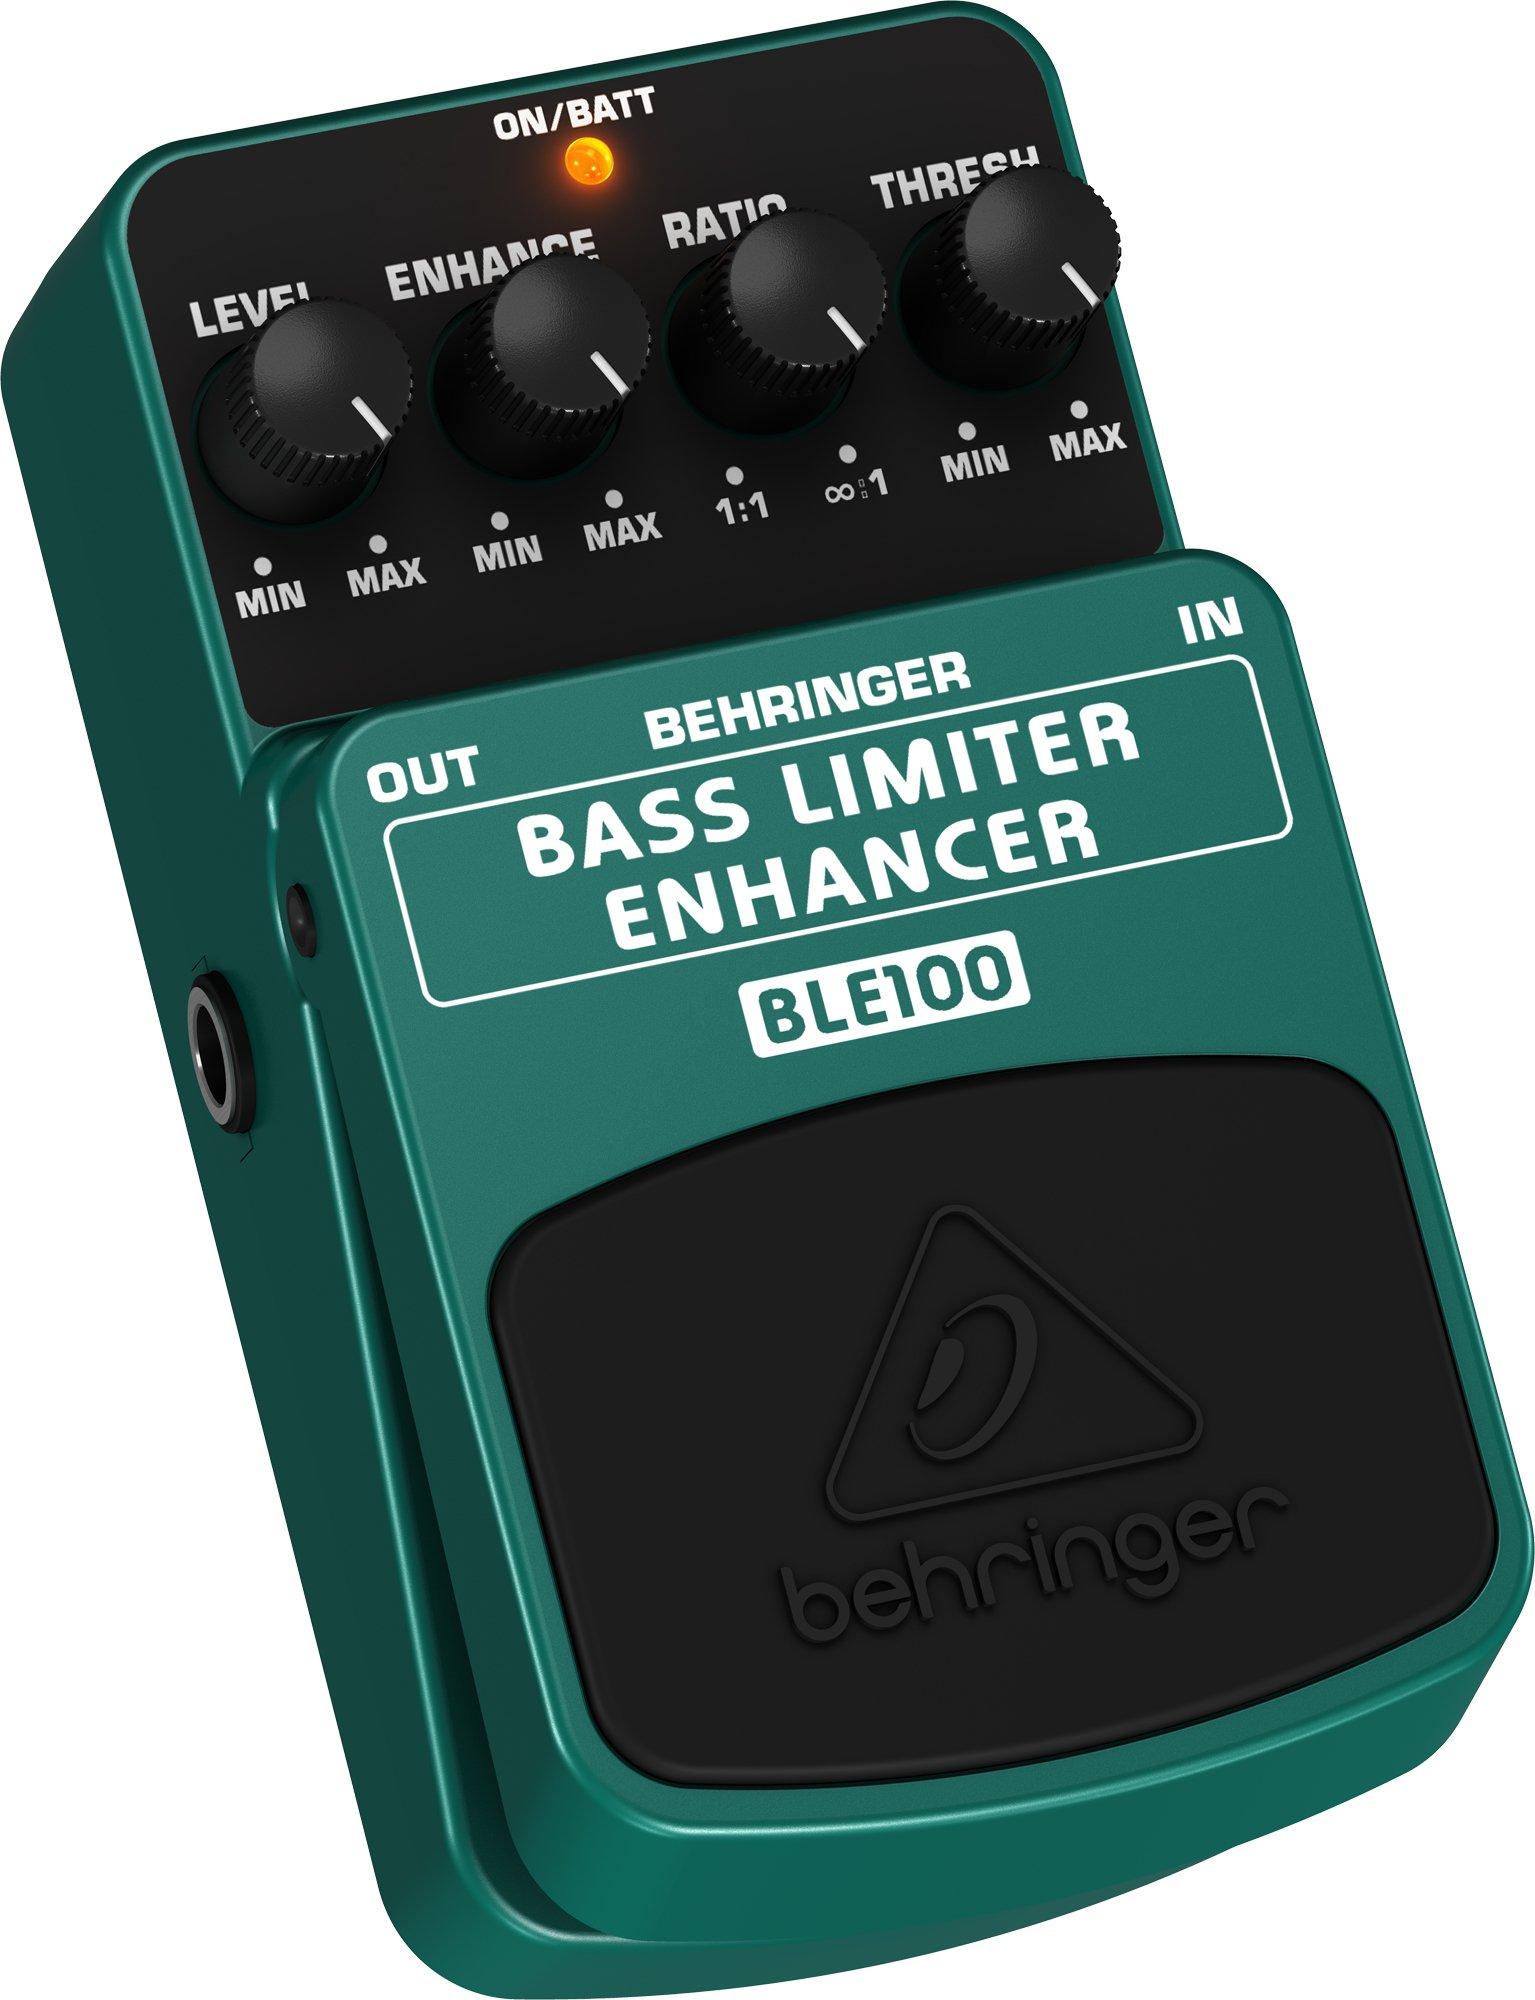 Behringer BLE100 Bass Limiter Enhancer by Behringer